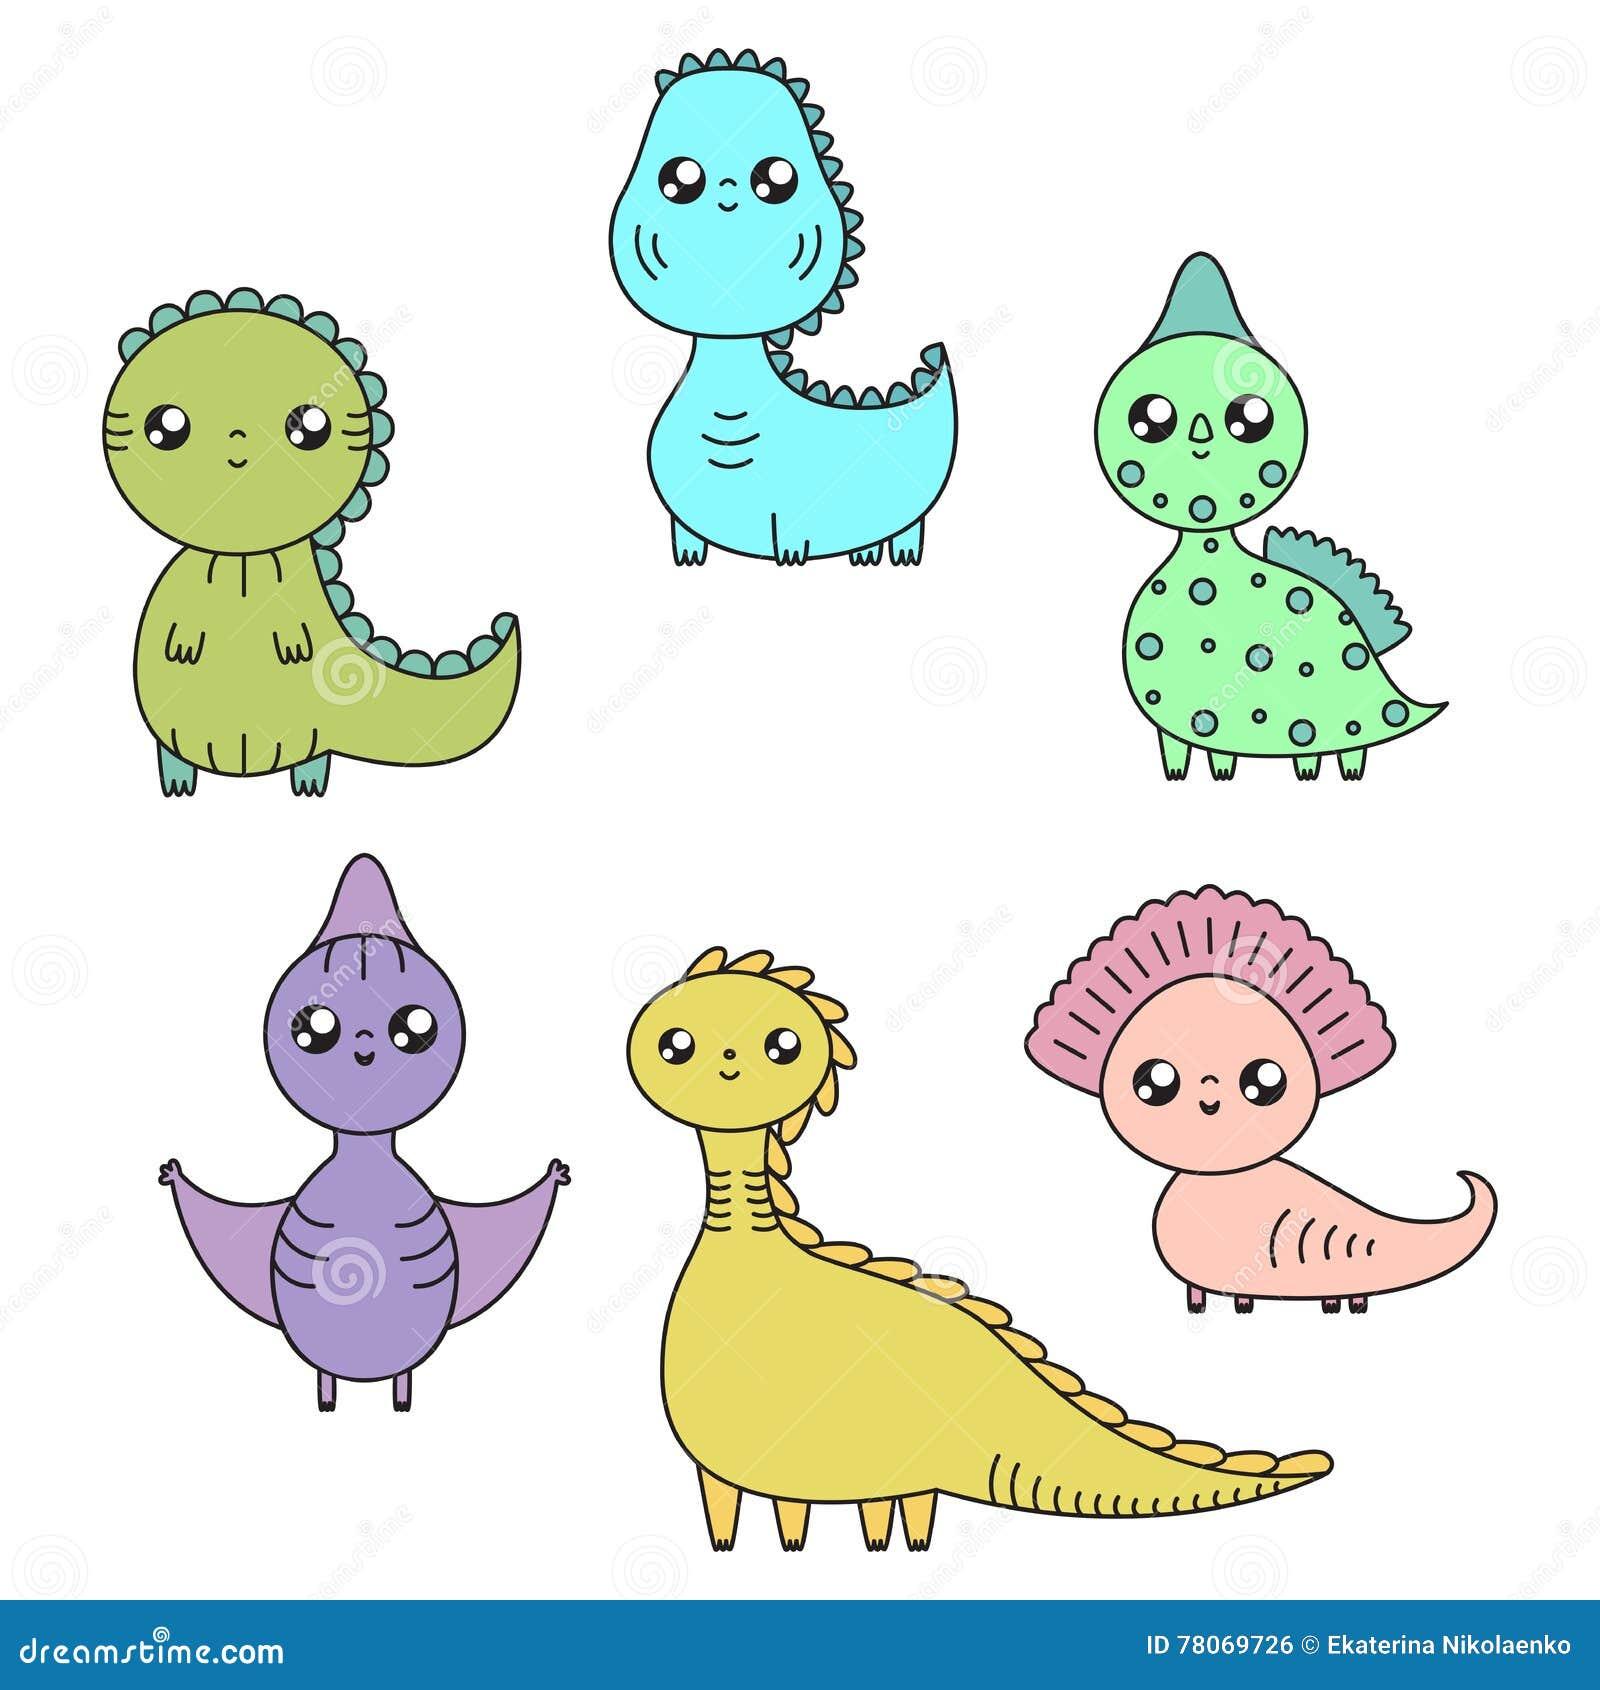 Dinosaurios De Kawaii Fijados Personajes De Dibujos Animados Ilustracion Del Vector Ilustracion De Dinosaurios Animados 78069726 Como ya sabrás, los dinosaurios fueron animales gigantescos que habitaron la tierra mucho antes que nosotros y que se extinguieron. dreamstime